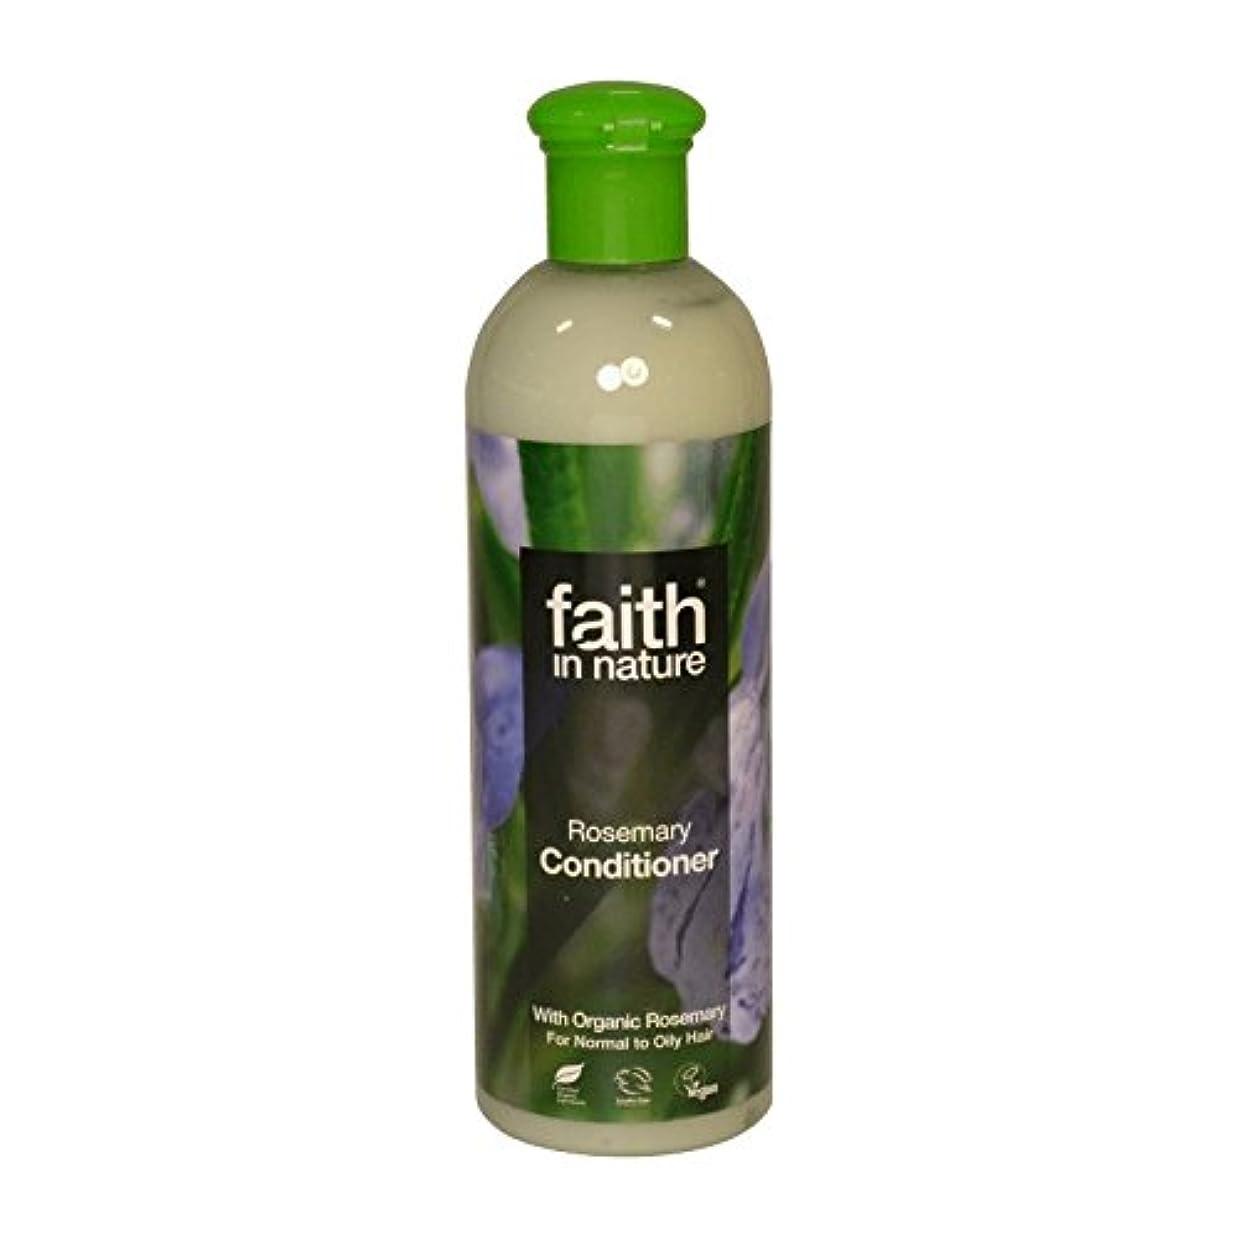 開いたリア王韻Faith in Nature Rosemary Conditioner 400ml (Pack of 2) - 自然ローズマリーコンディショナー400ミリリットルの信仰 (x2) [並行輸入品]